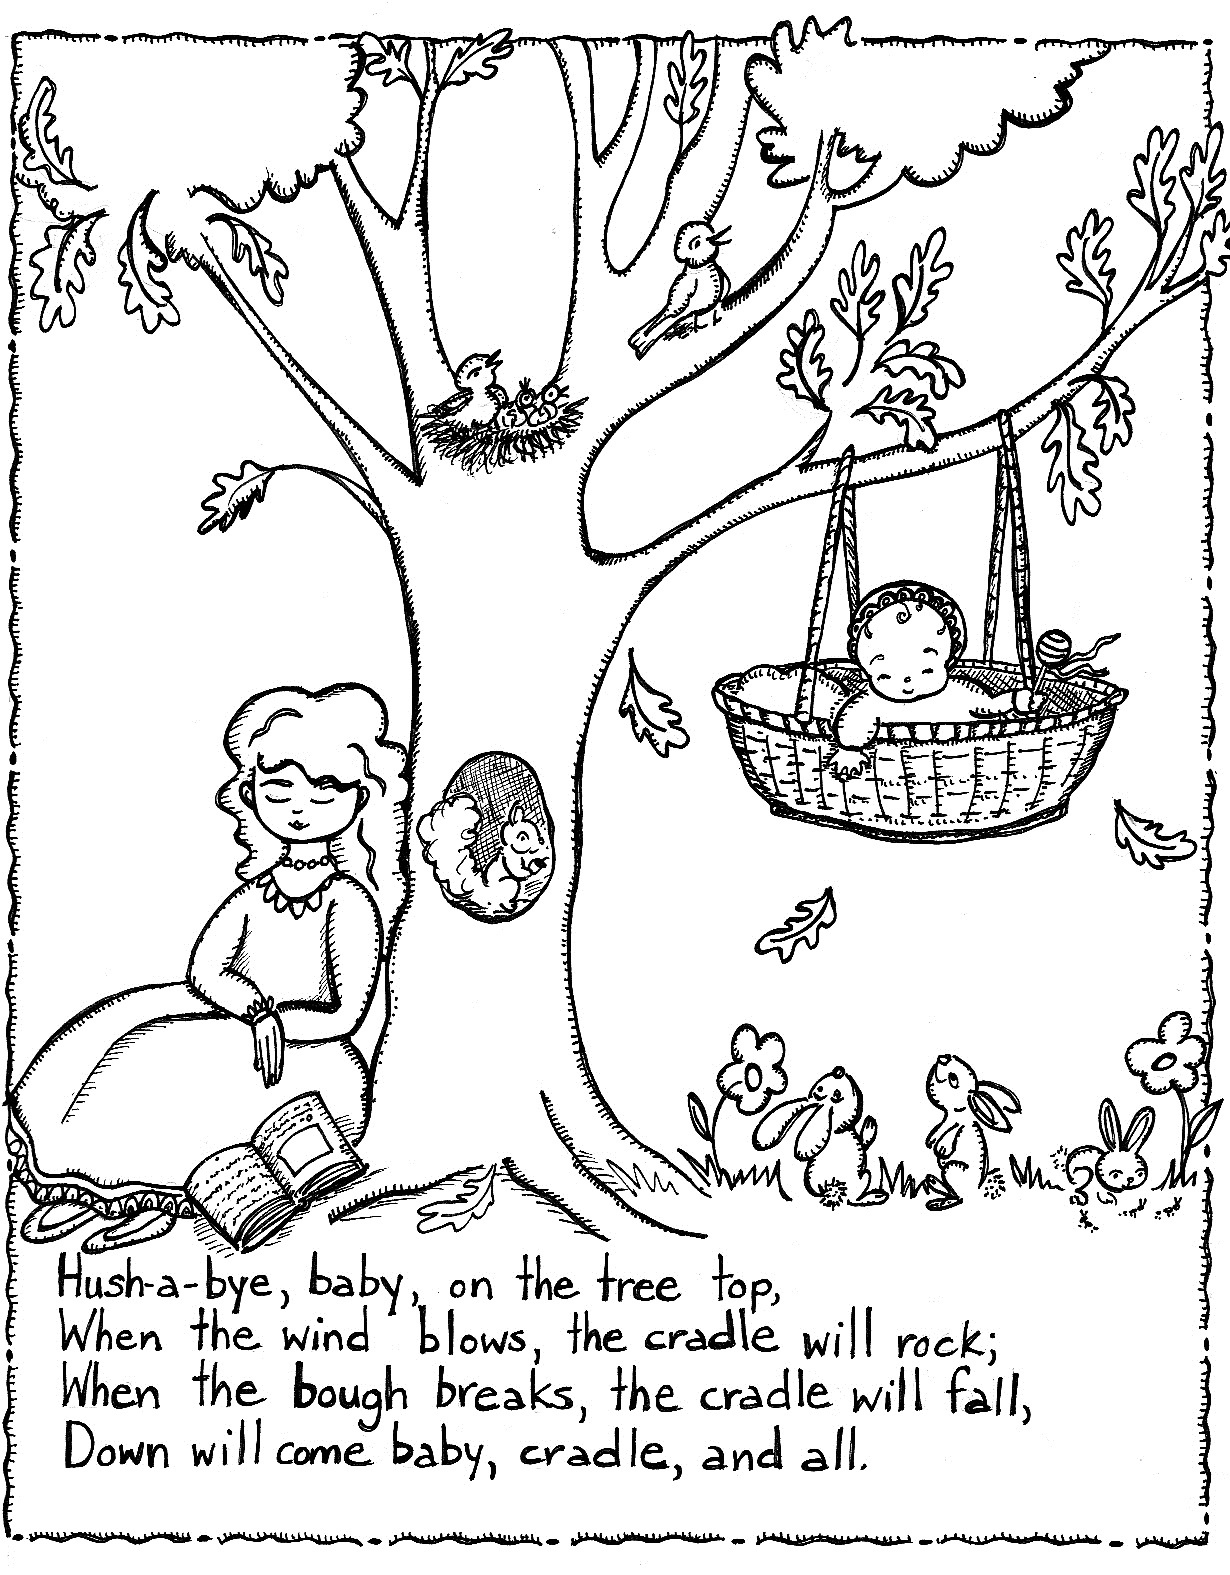 Free Printable Nursery Rhymes Coloring Pages For Kids - Free Printable Mother Goose Nursery Rhymes